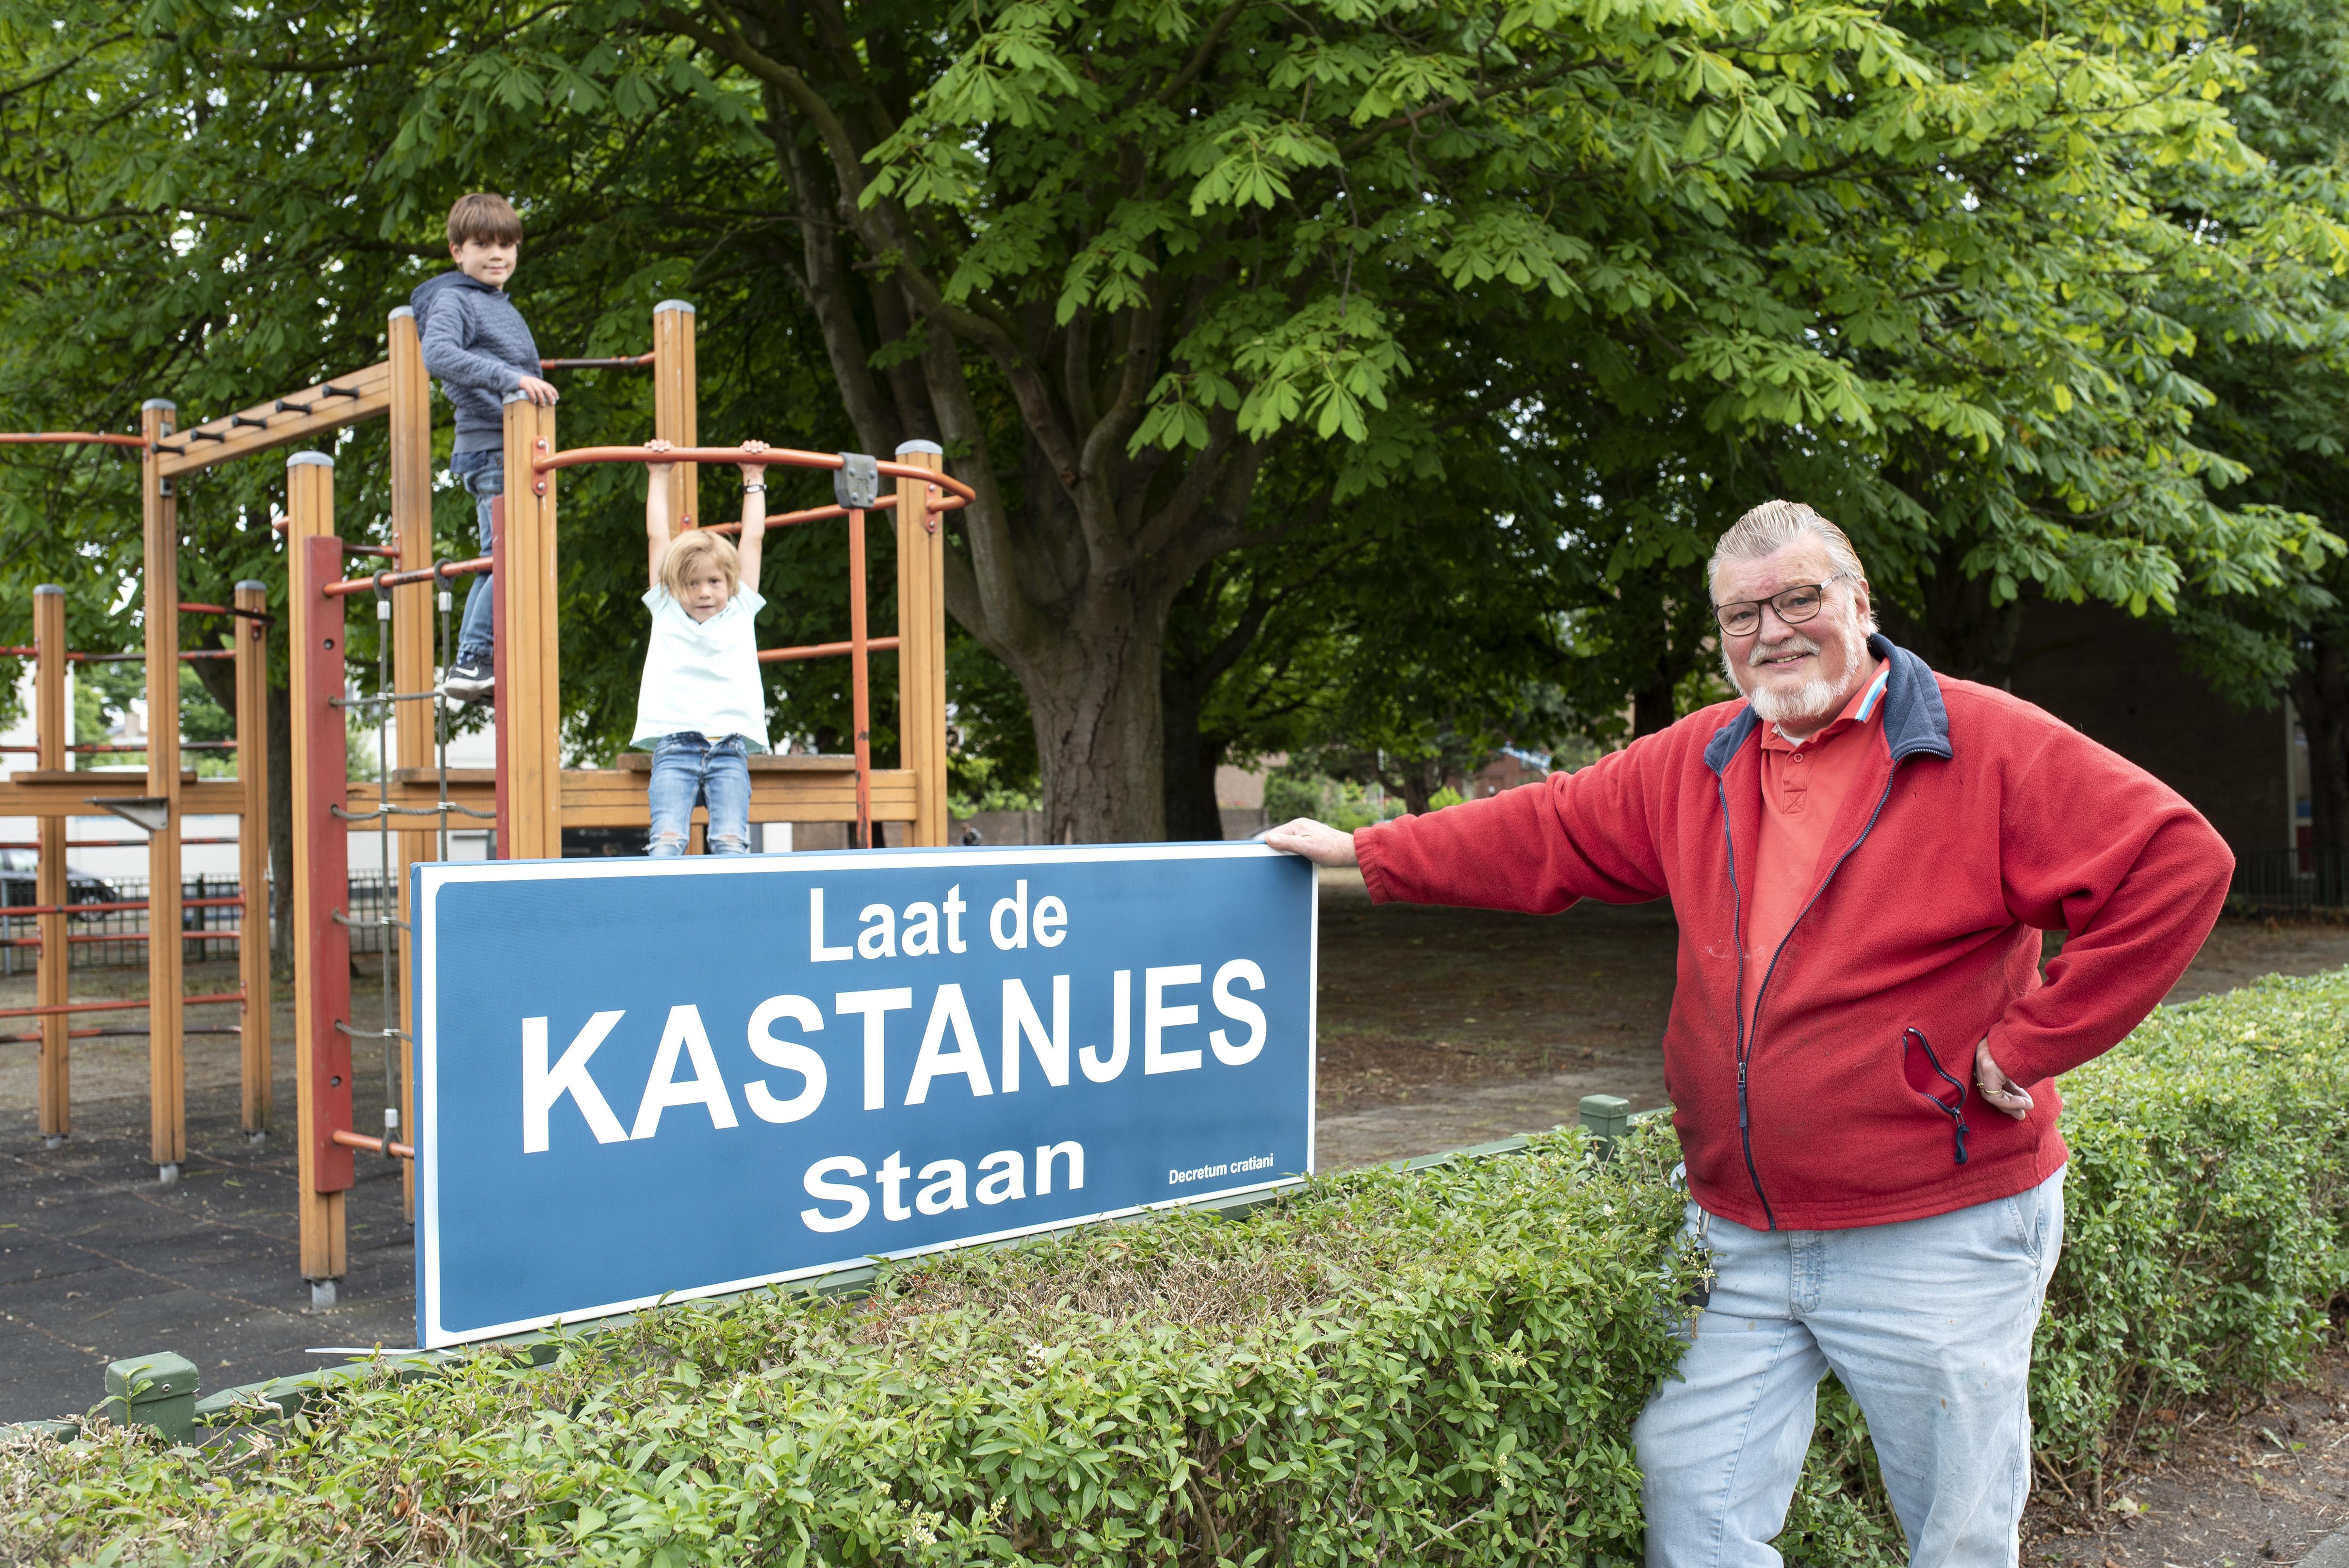 'Participatie Kuenenpleinproject was prima geregeld', vindt wethouder Ferraro. Gemeenteraadsleden en buurtbewoners vinden van niet